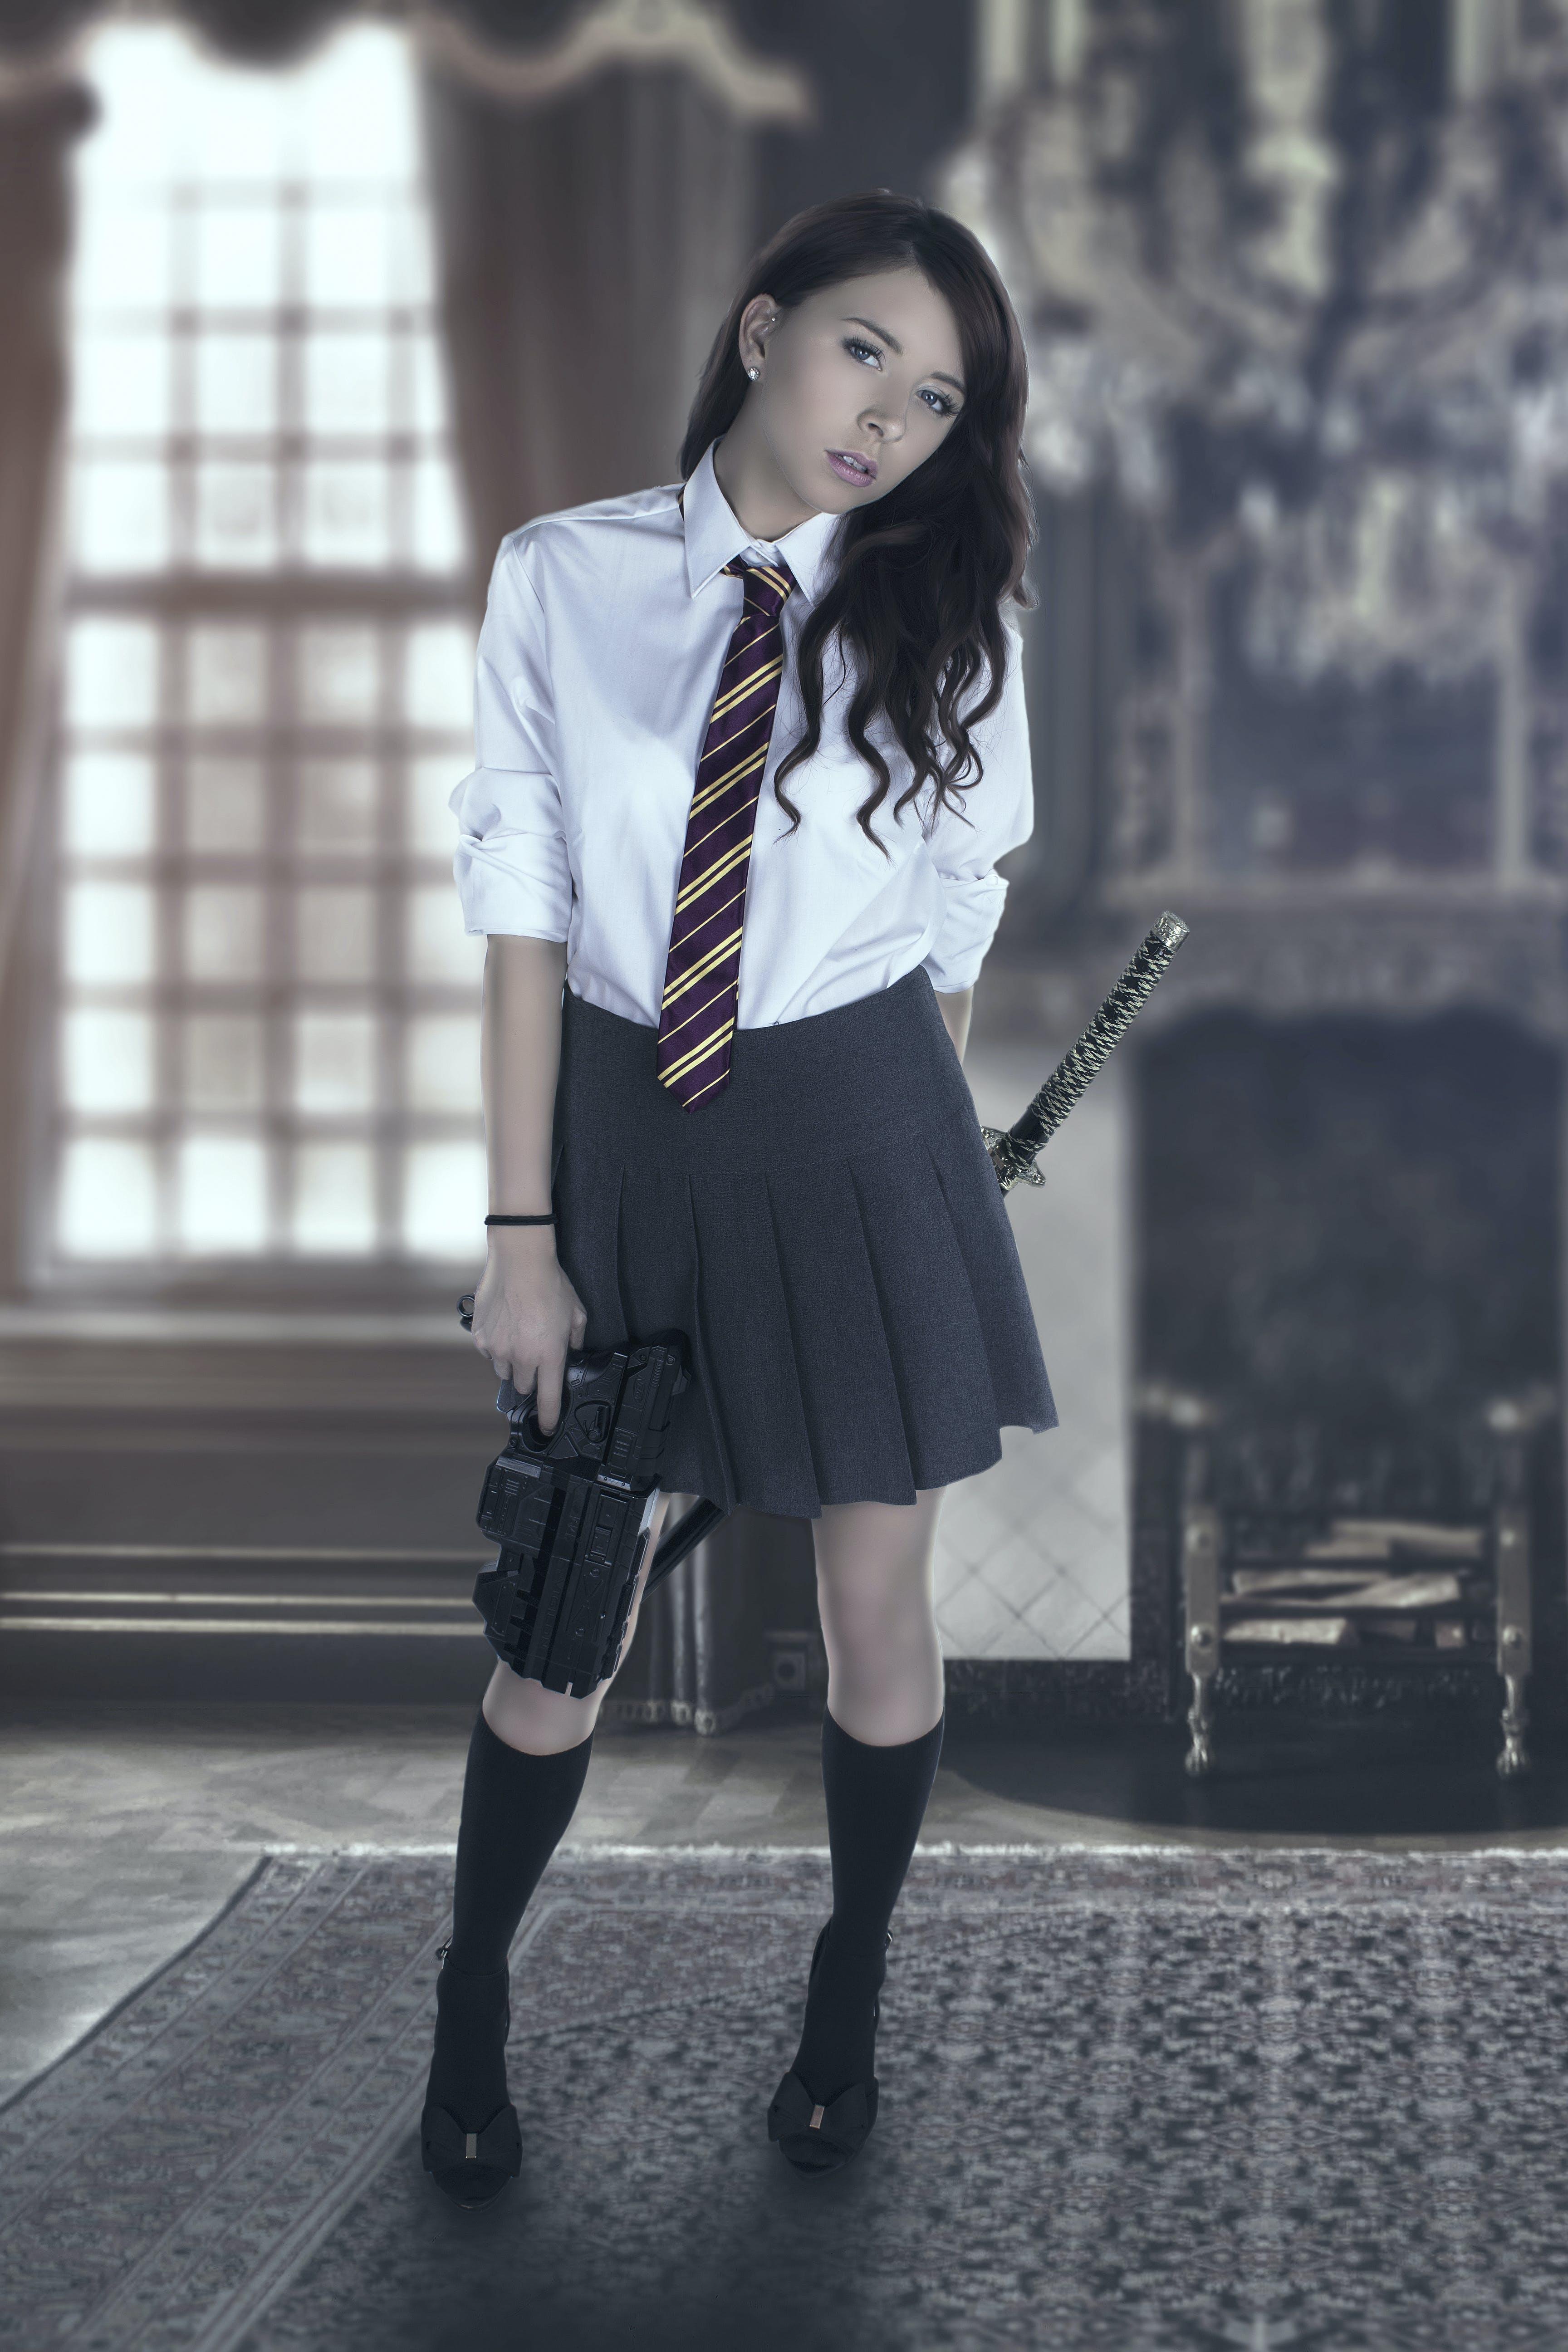 Free stock photo of gun, school girl, skirt, standing pose